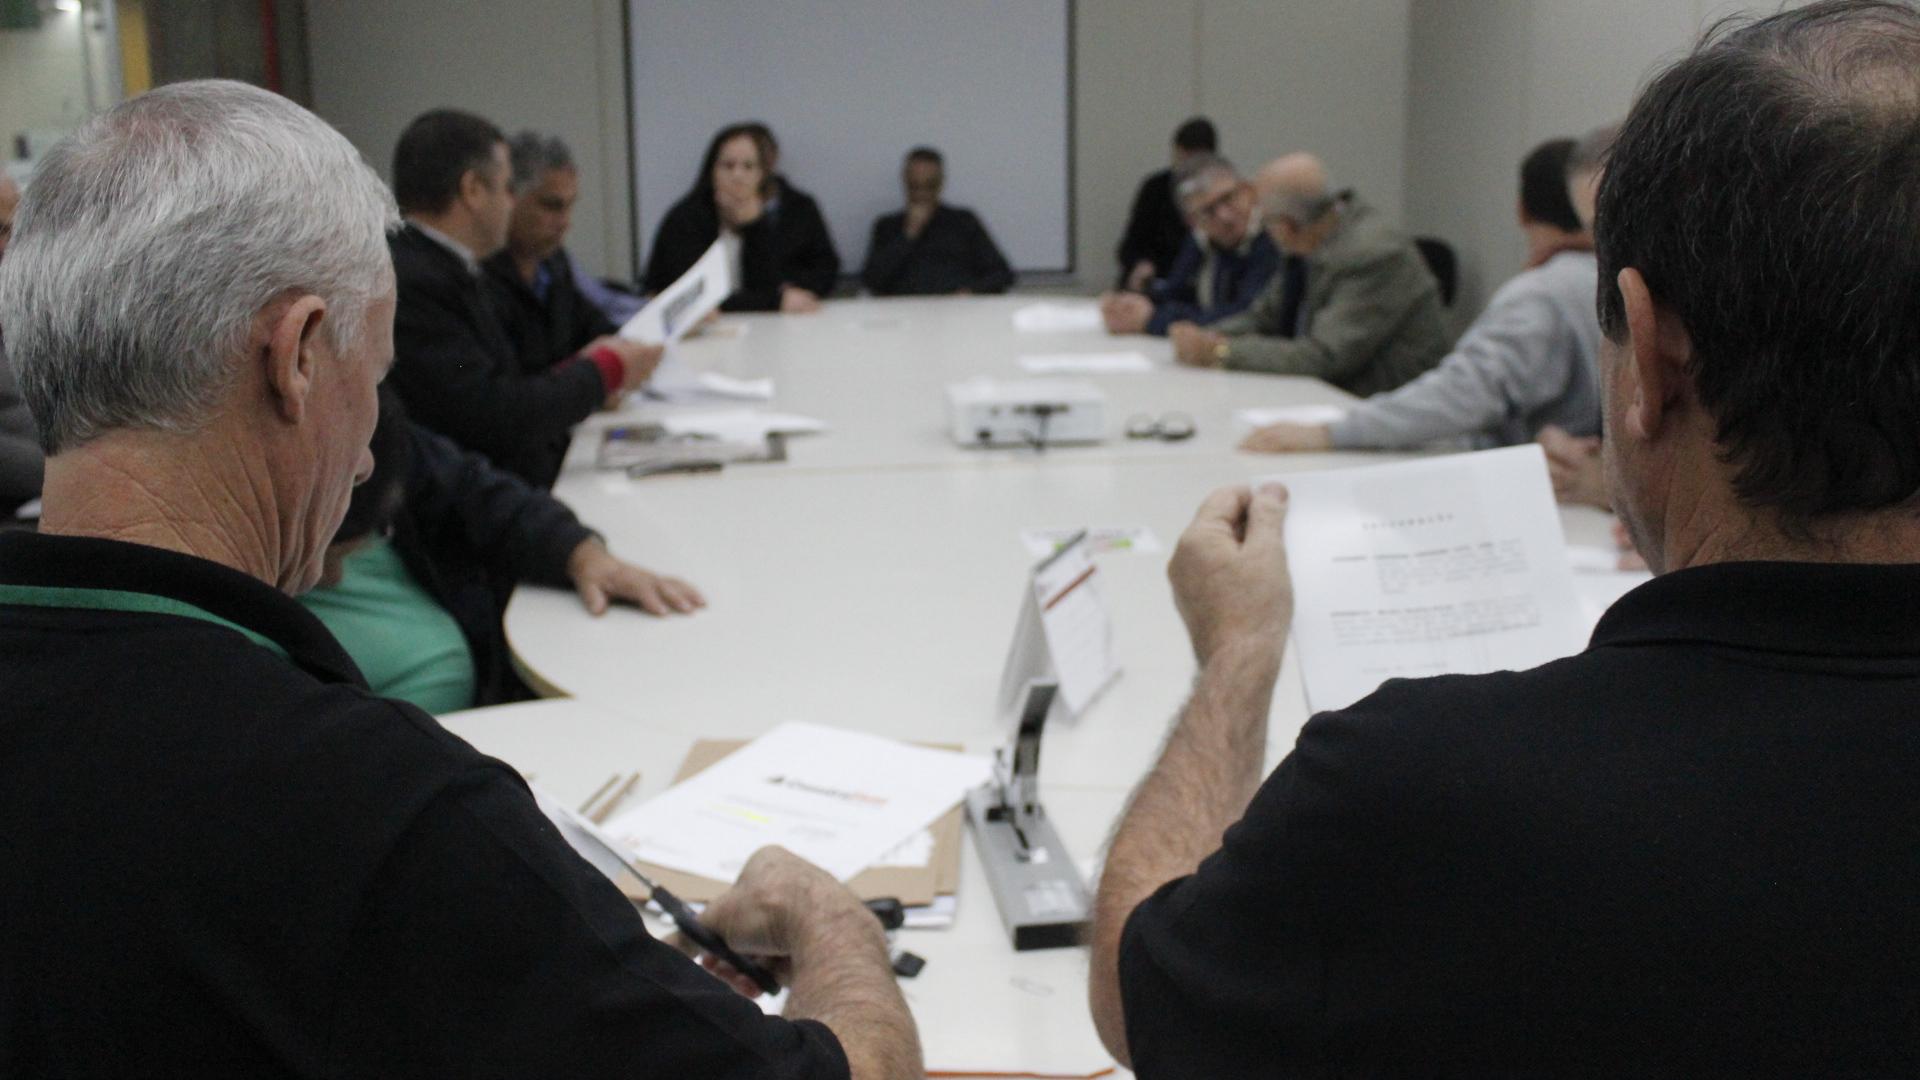 Criciúma prepara mais uma venda de terrenos por concorrência pública